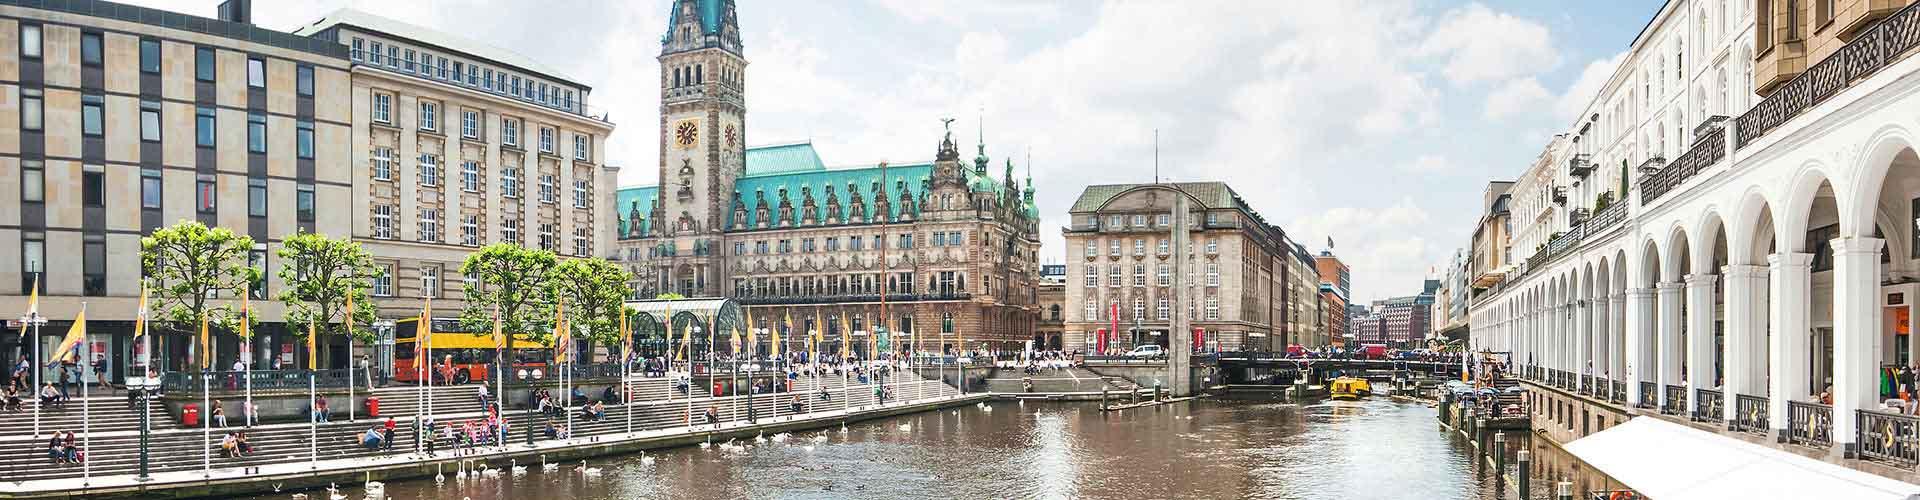 함부르크 - Eimsbuettel지역에 위치한 캠핑장. 함부르크의 지도, 함부르크에 위치한 캠핑장에 대한 사진 및 리뷰.